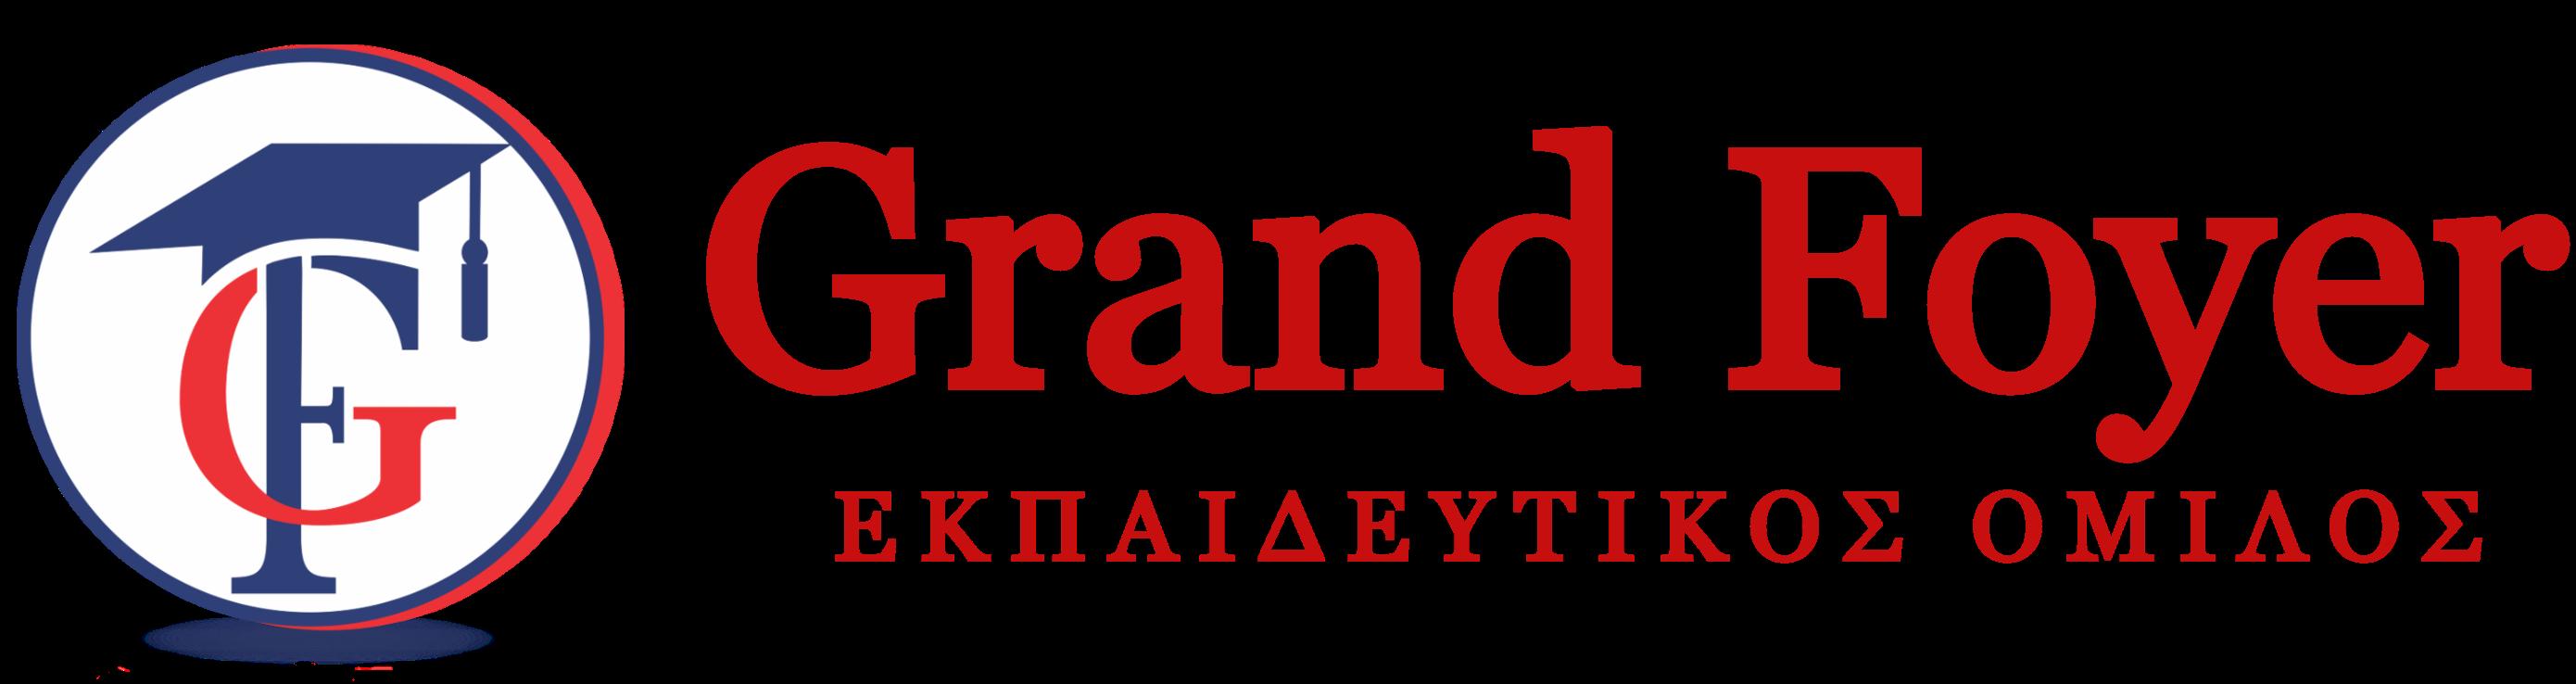 Grand Foyer Logo